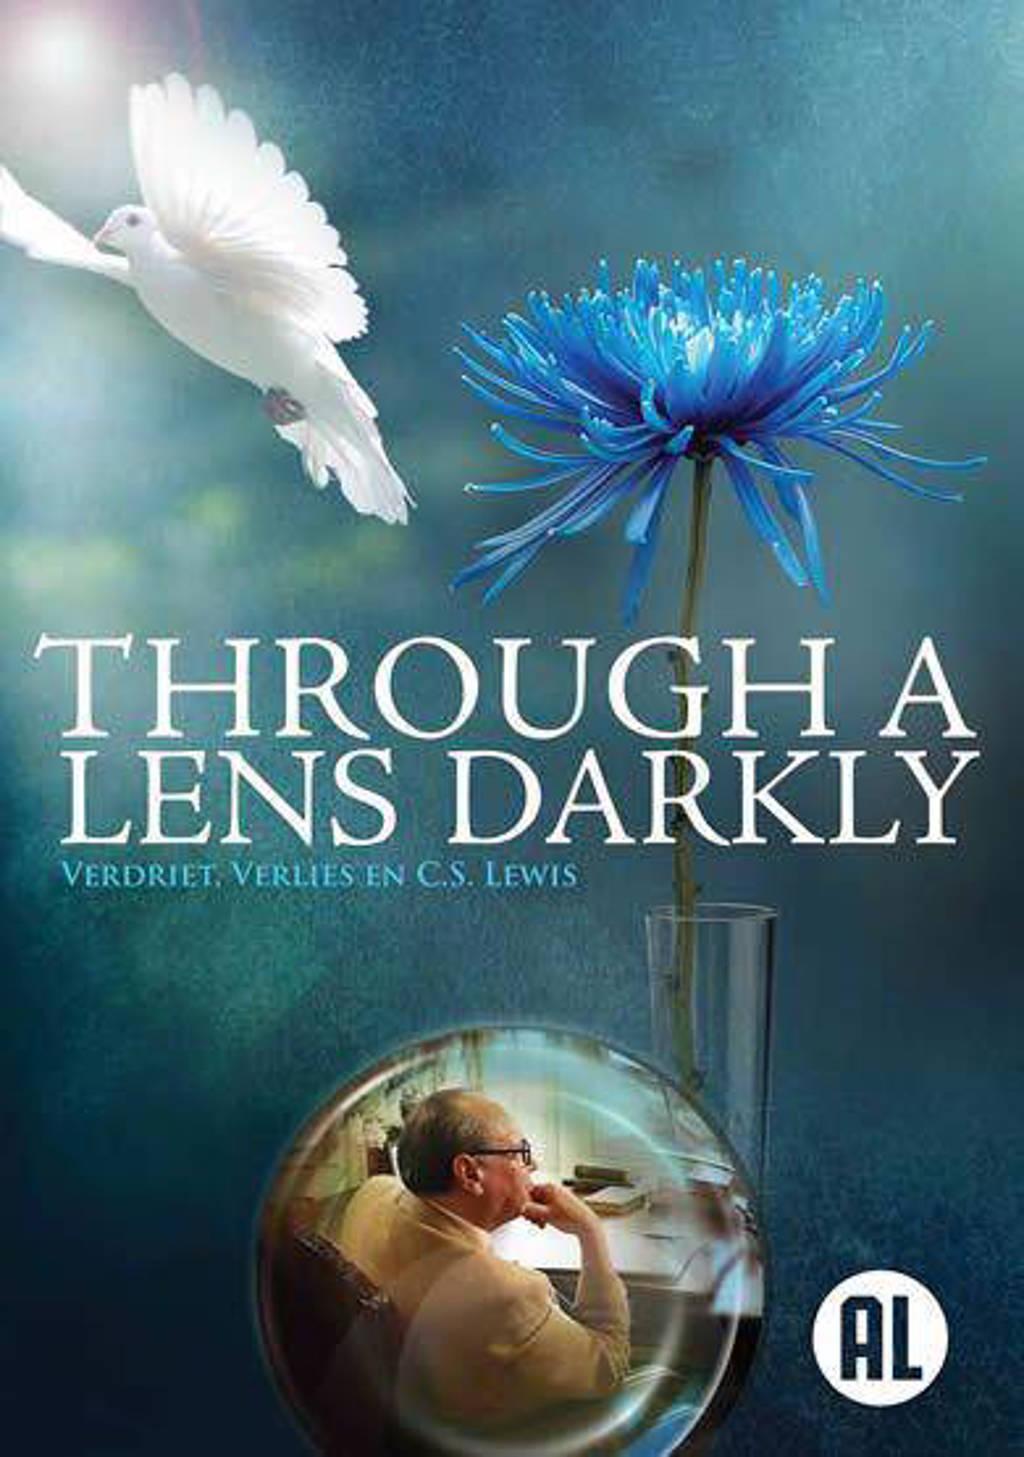 Through a lens darkly (DVD)